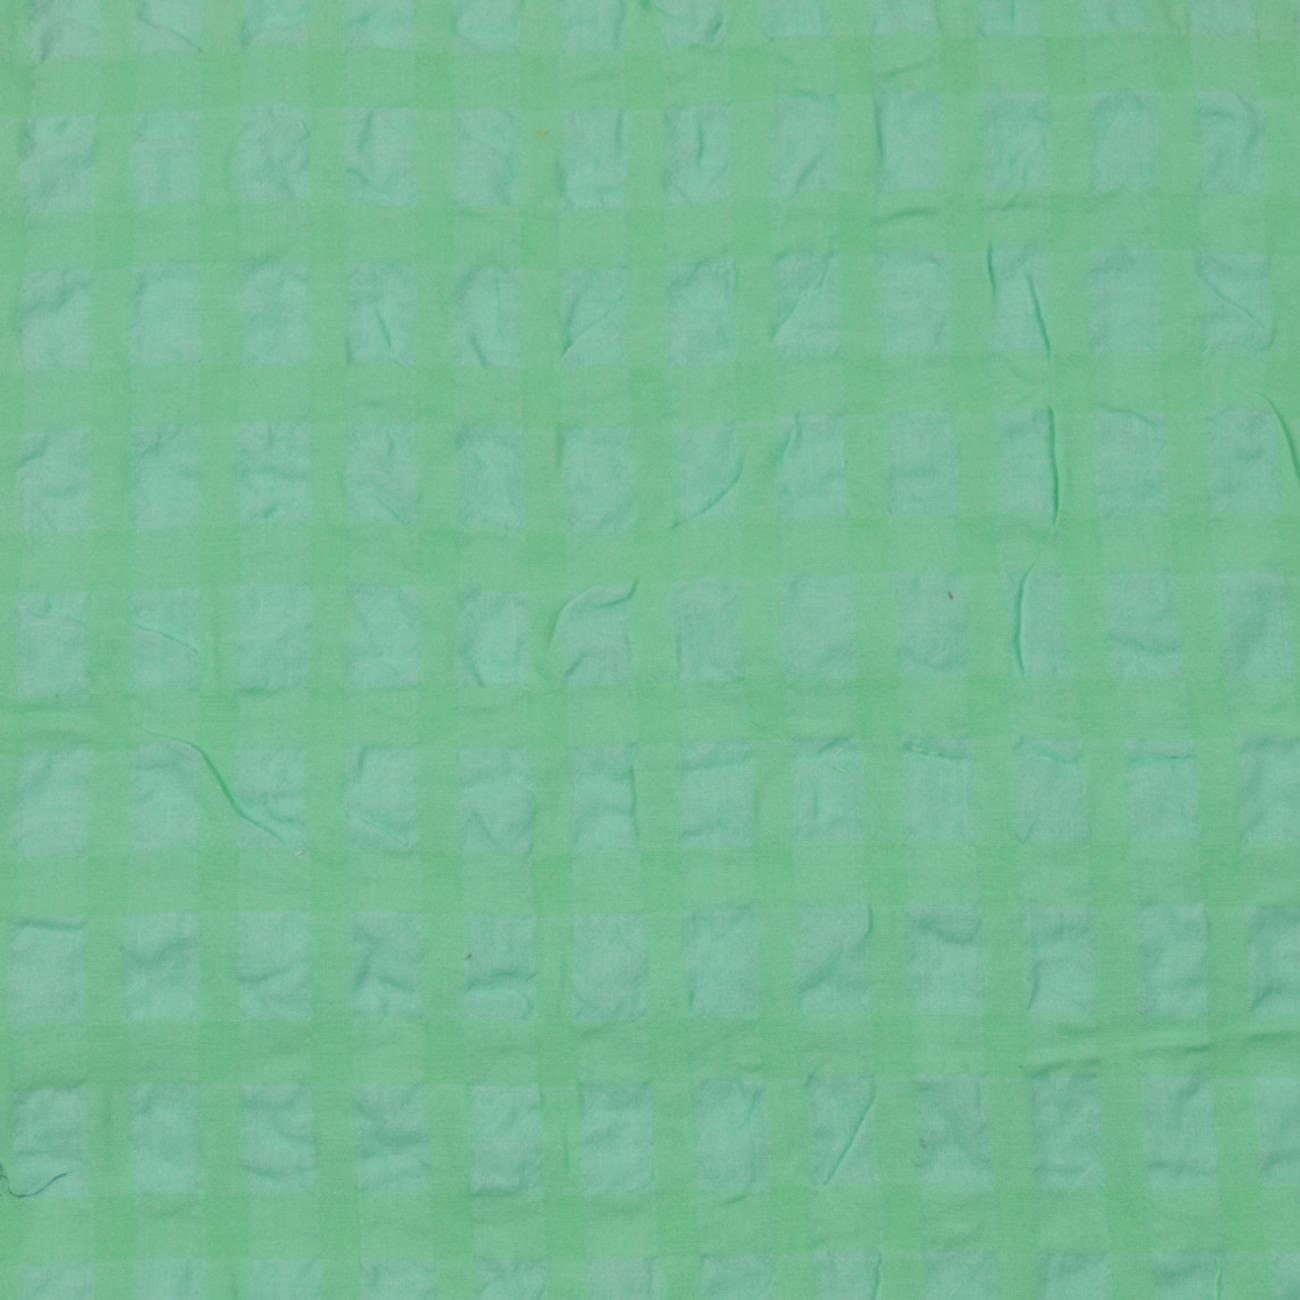 現貨格子梭織色織無彈休閑時尚風格襯衫連衣裙 短裙 薄 泡泡布 春夏秋60929-73